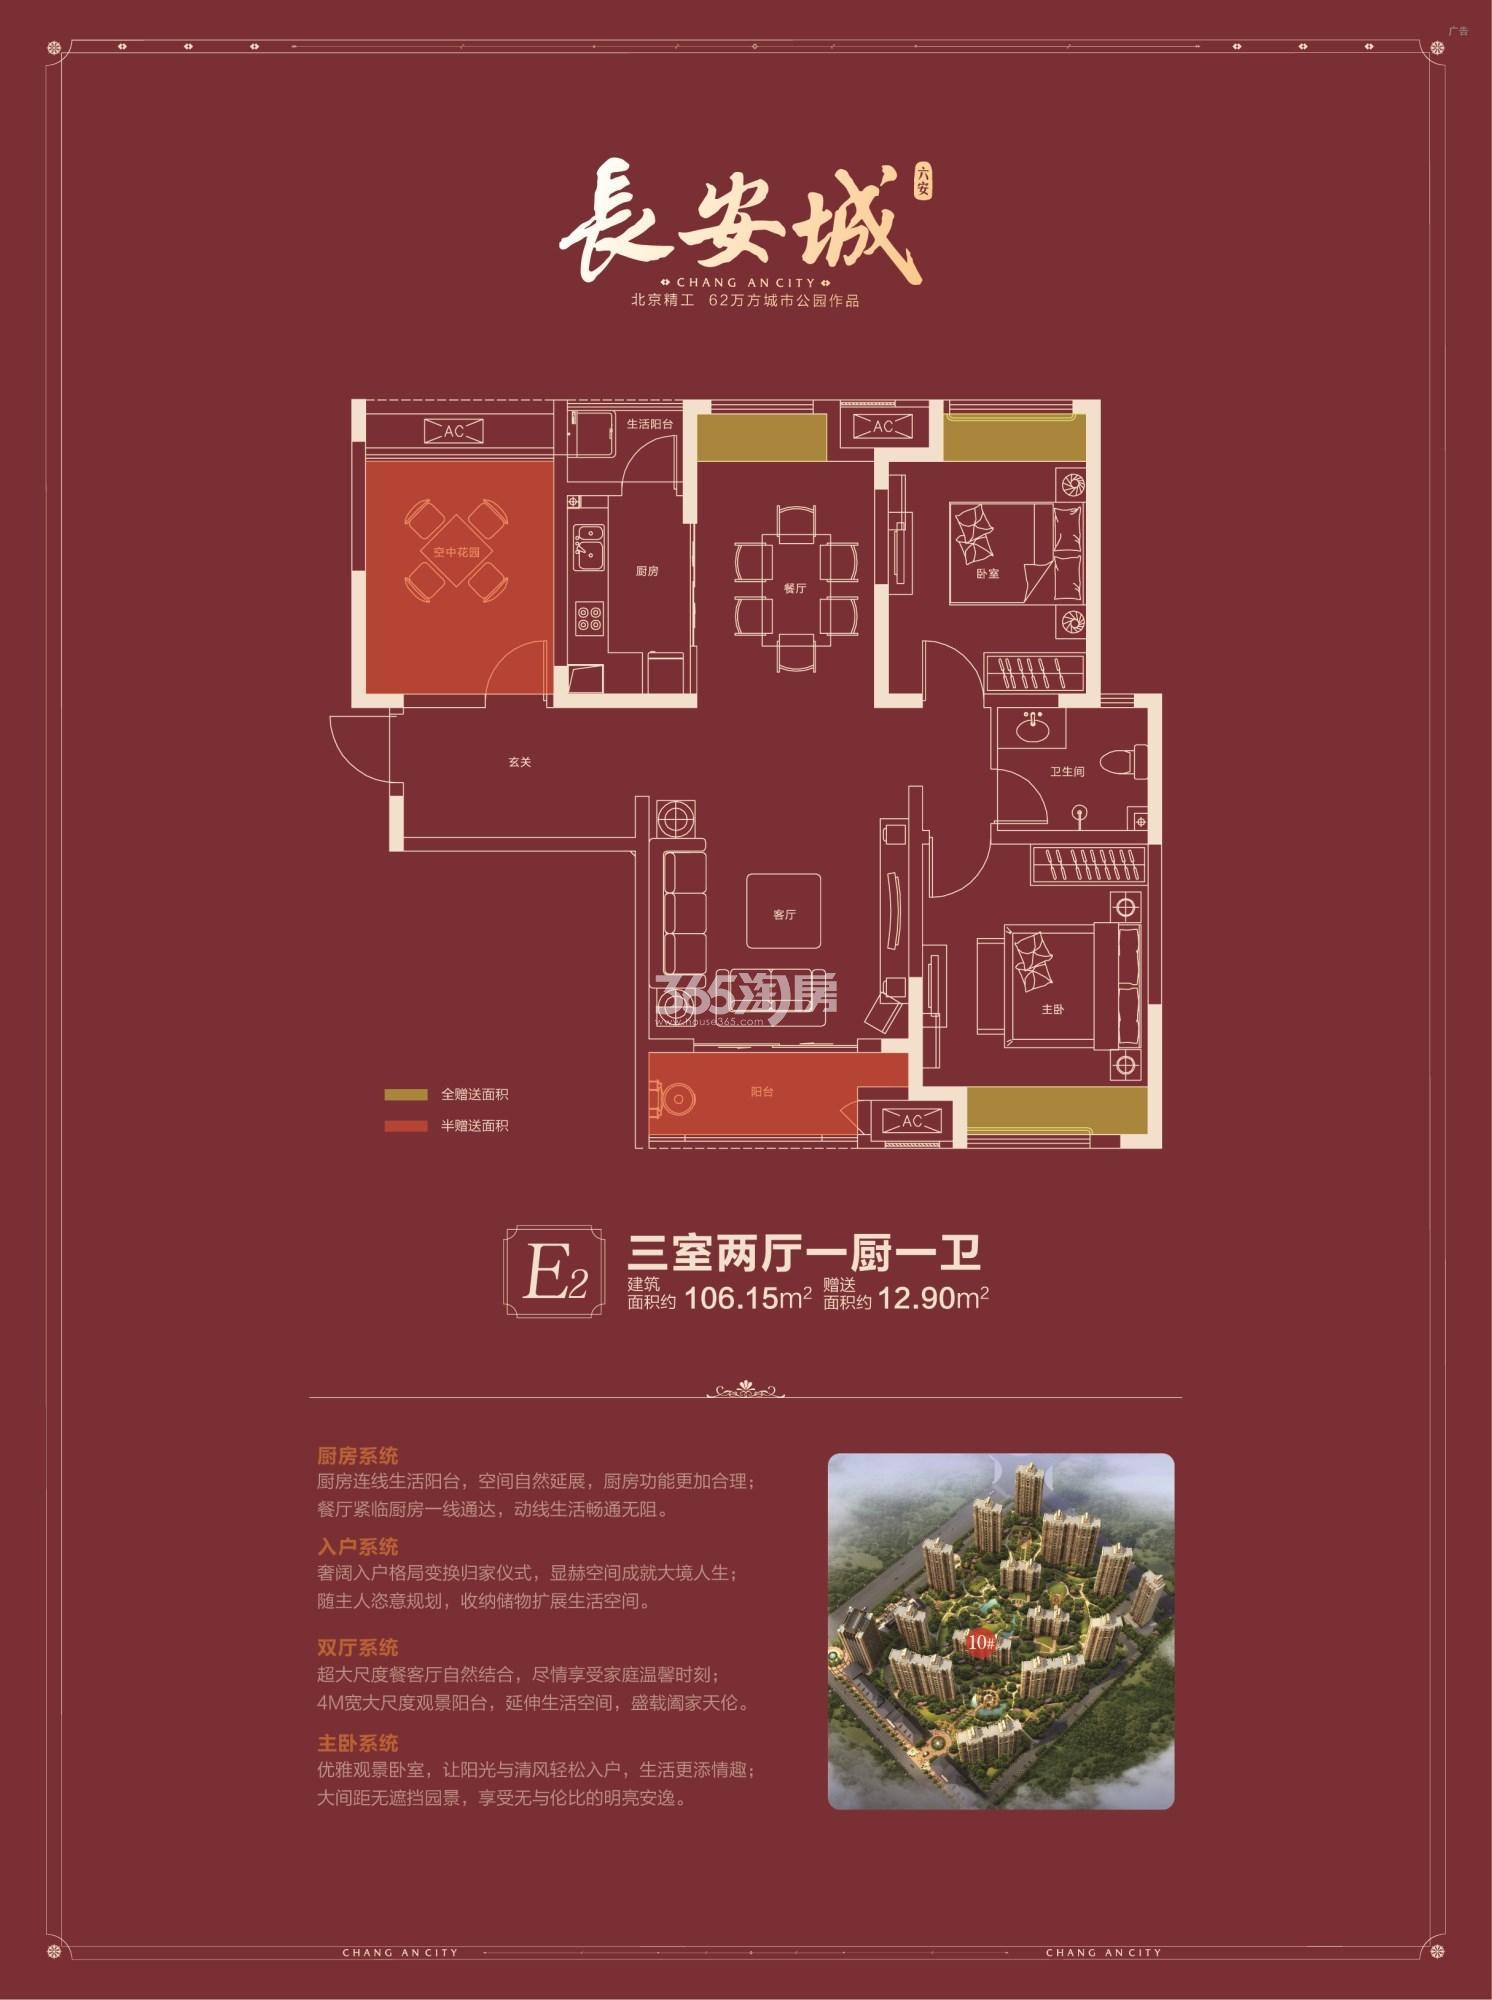 长安城项目E2户型106.15平米户型图